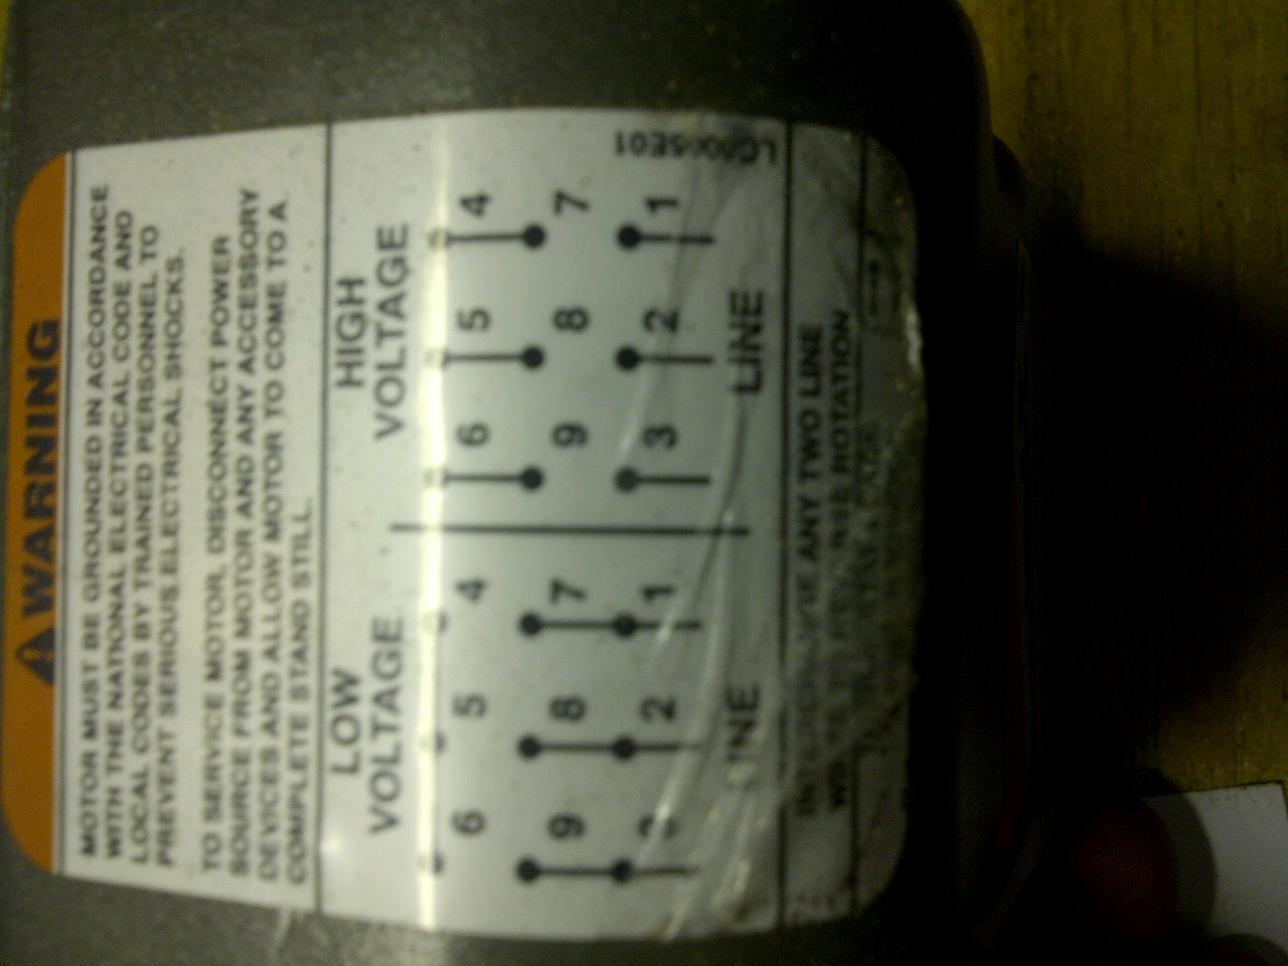 baldor wiring diagram baldor image wiring diagram baldor grinder wiring diagram jodebal com on baldor wiring diagram